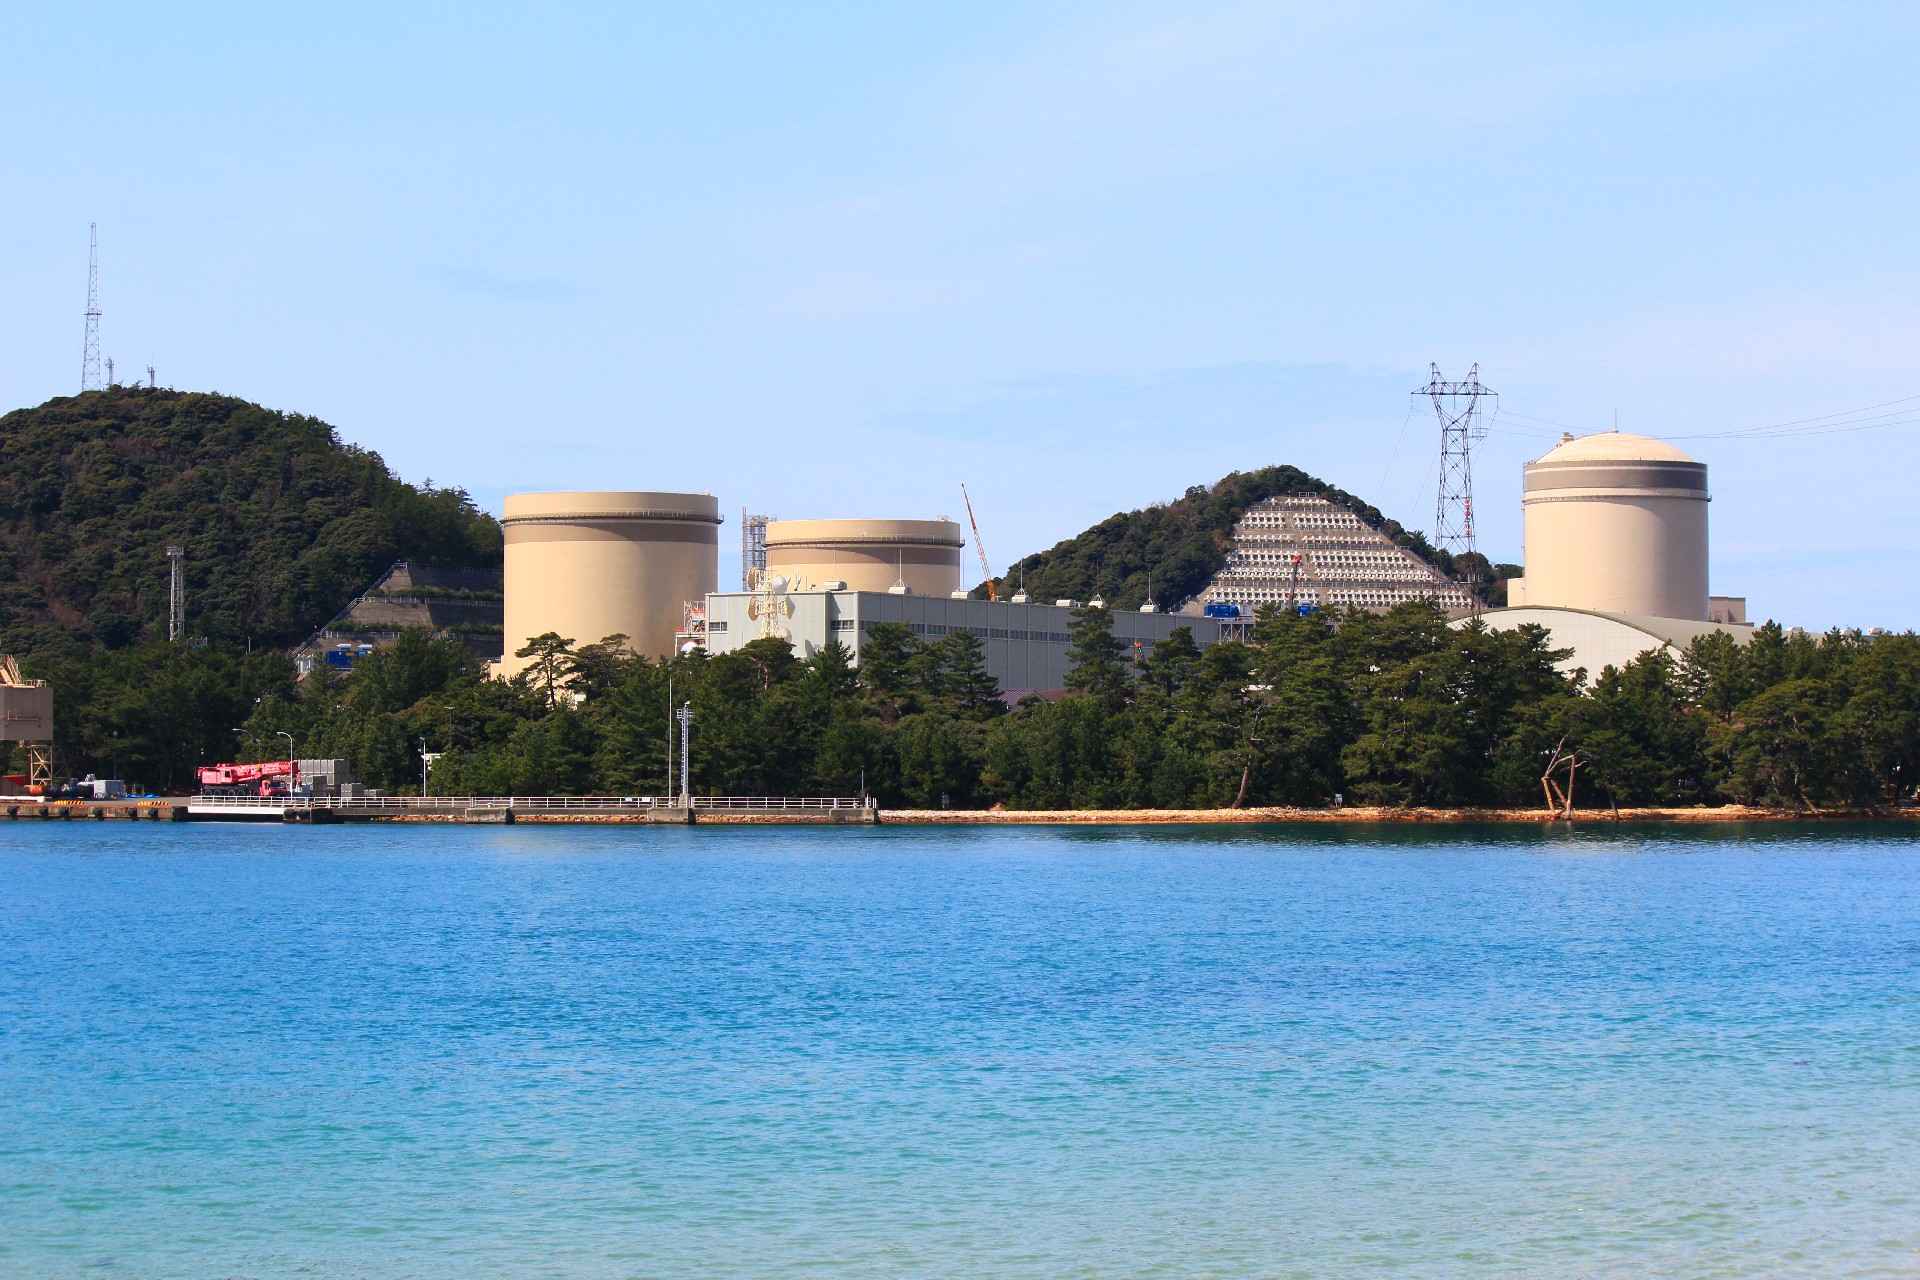 核燃料税条例改正案が可決 廃炉作業中も課税へ